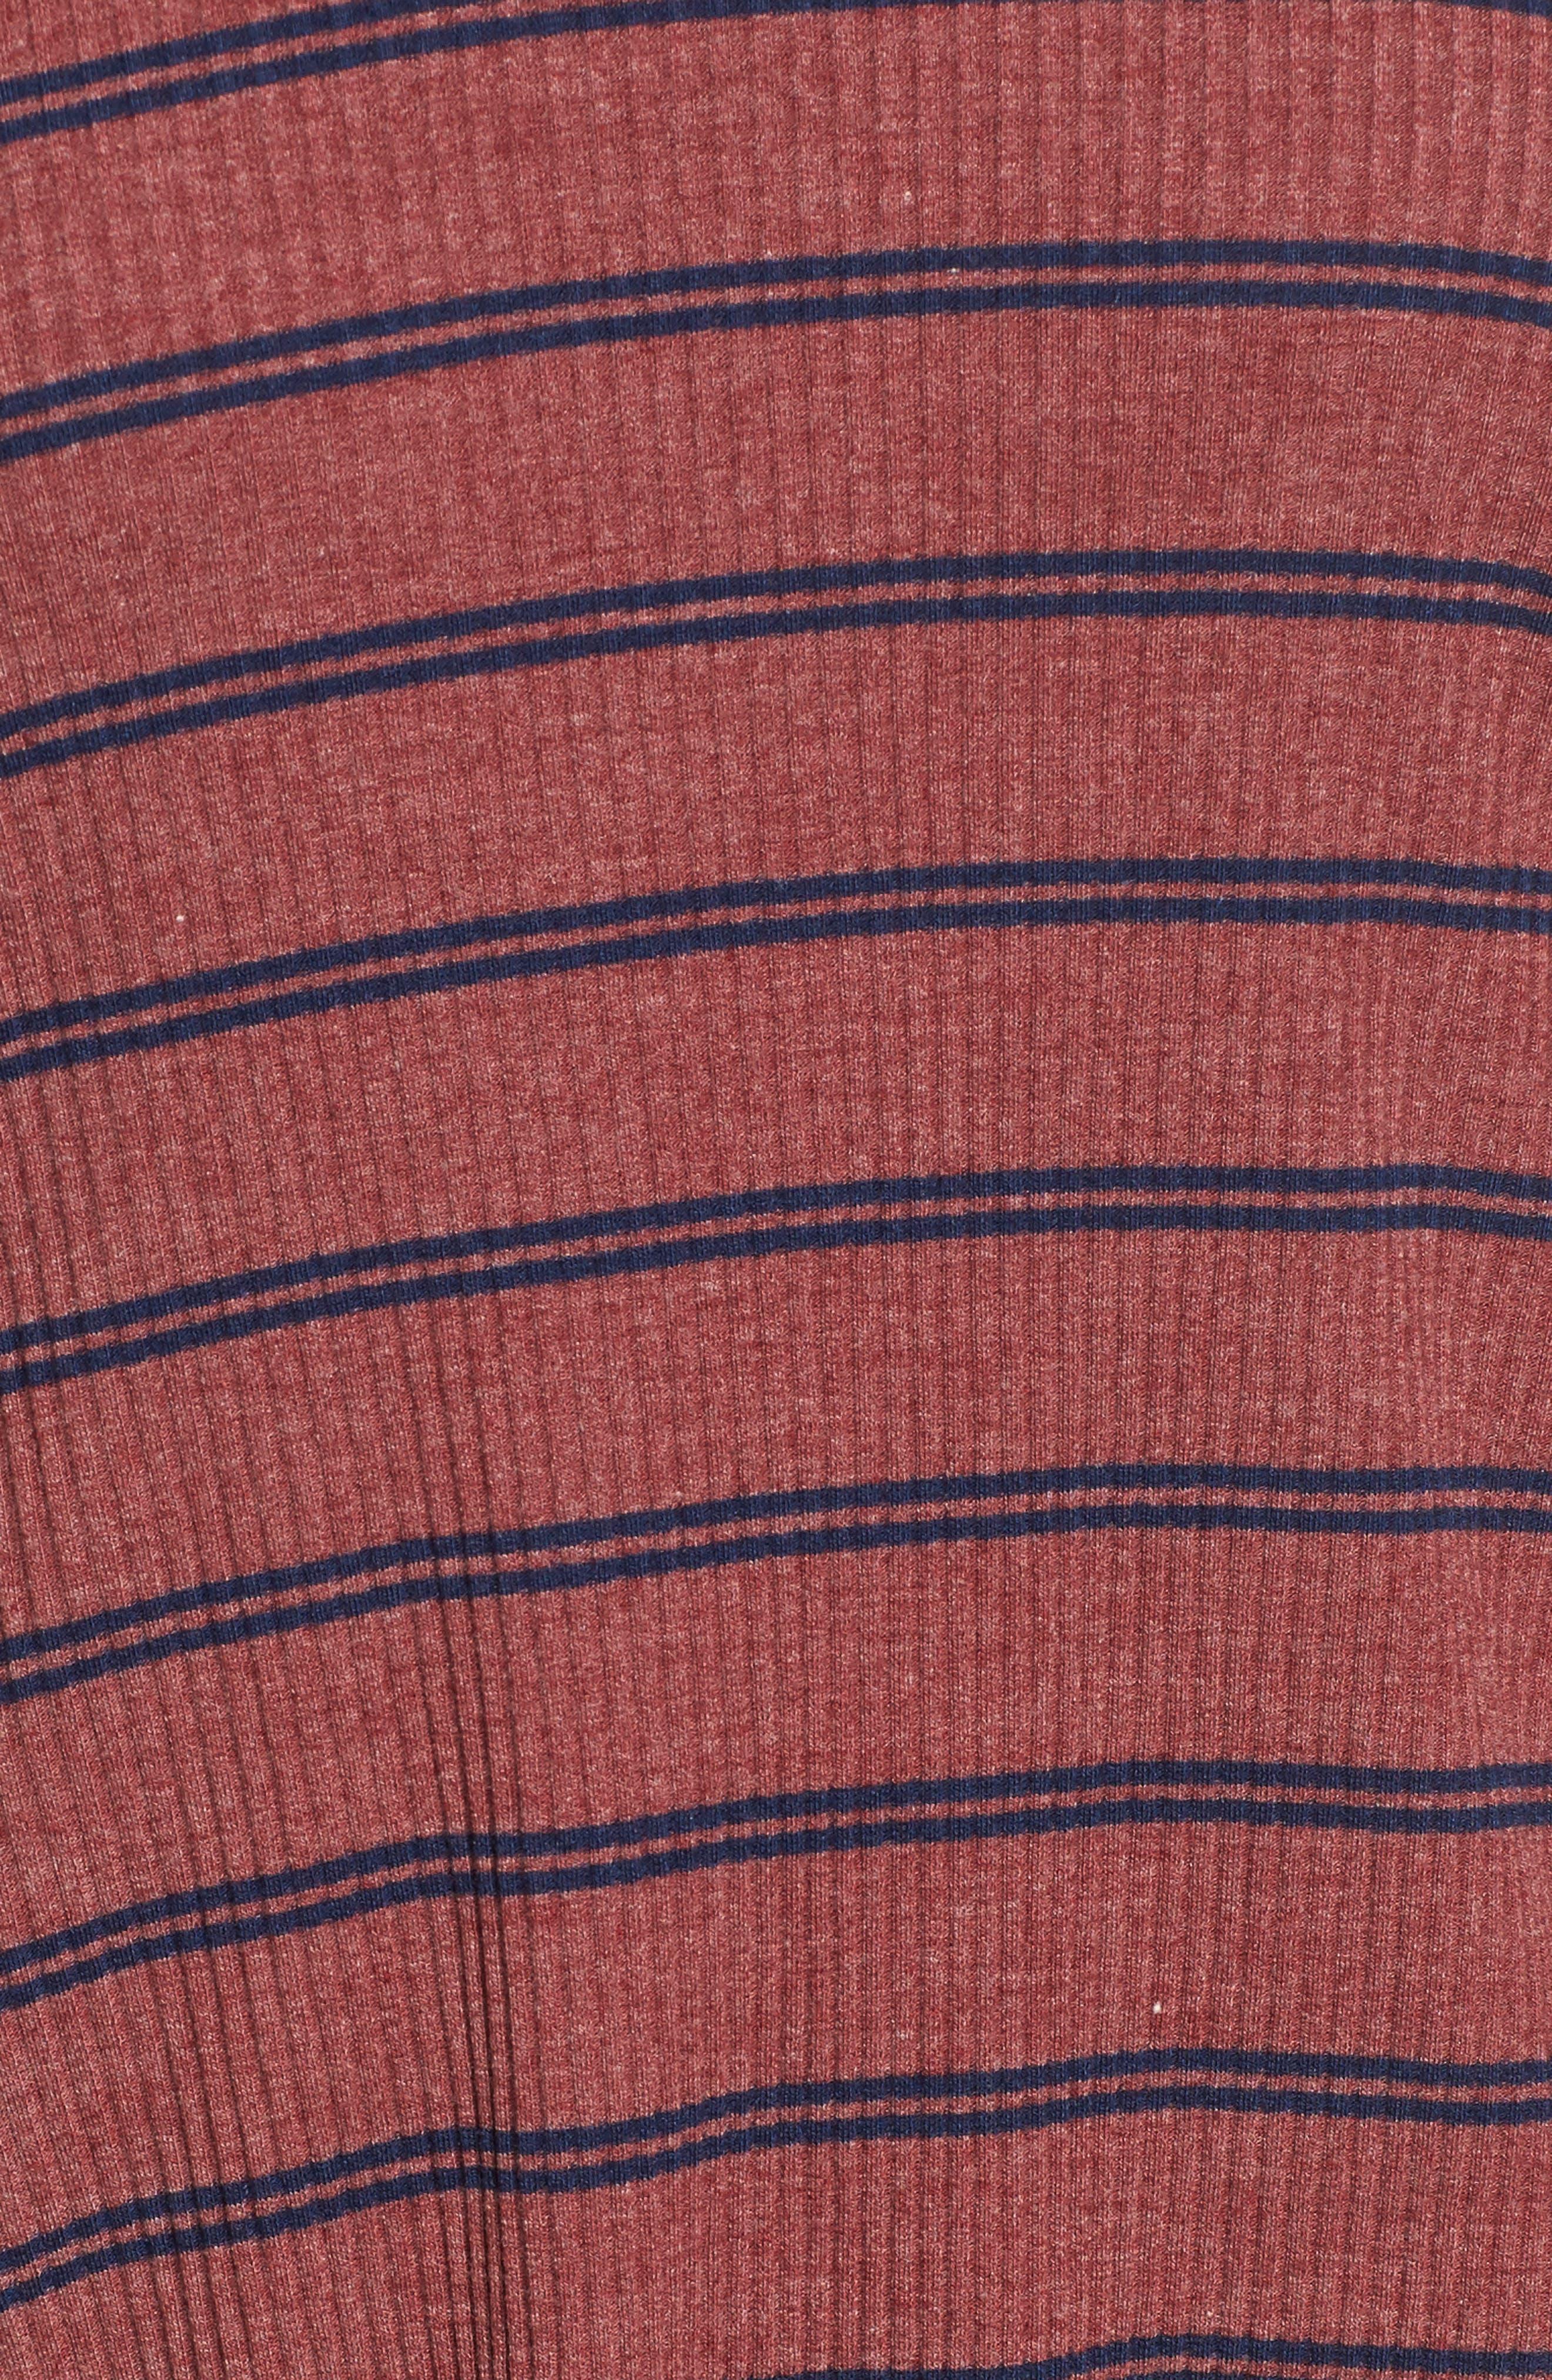 Time Table Minidress,                             Alternate thumbnail 5, color,                             931